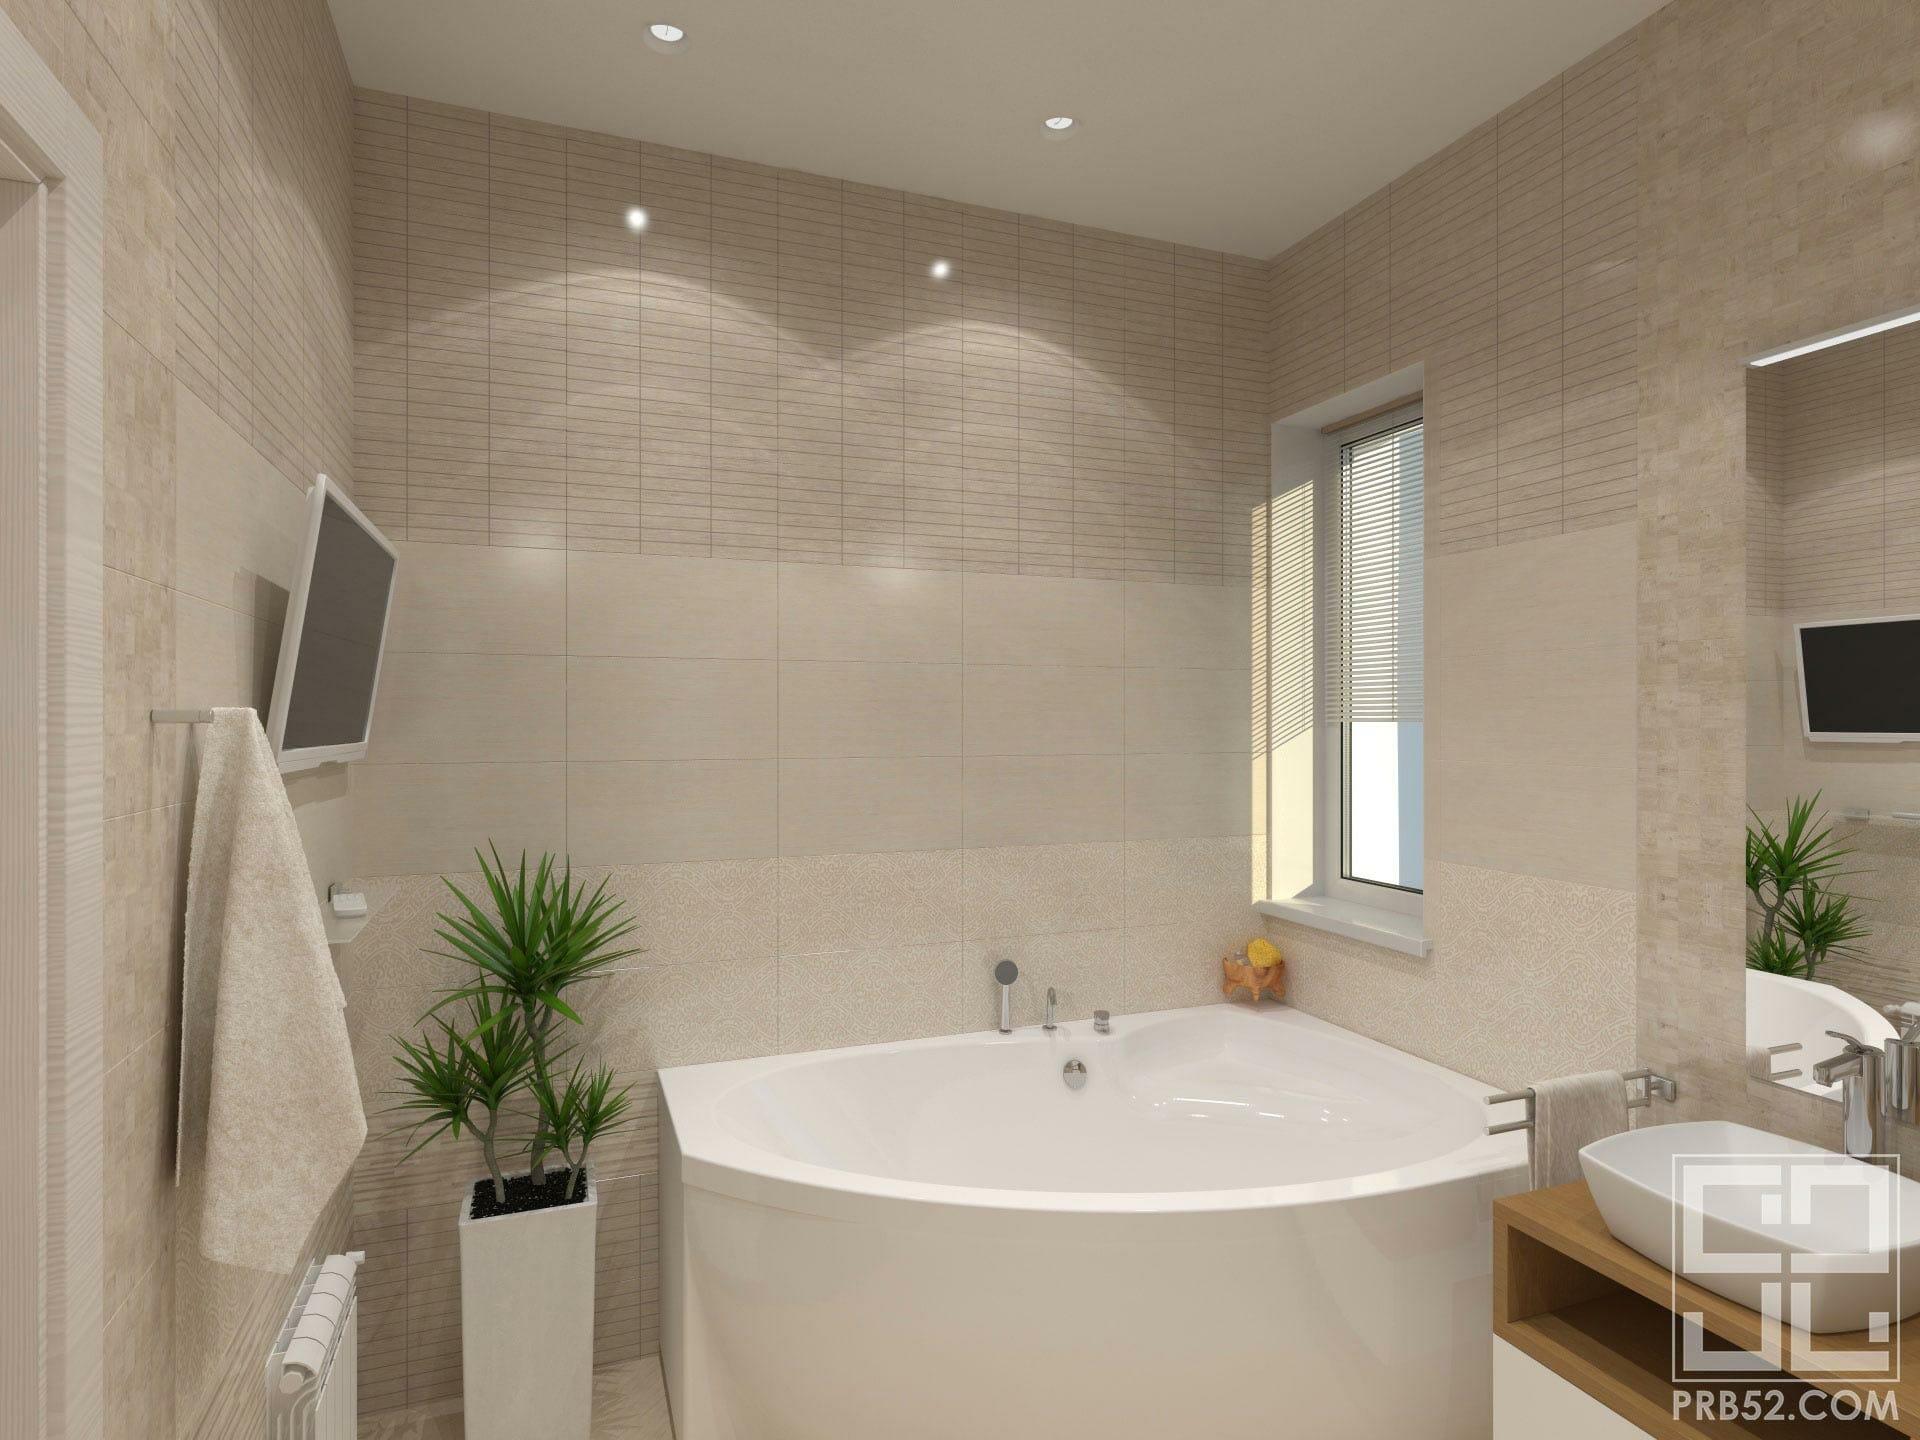 дизайн интерьера большой ванной в частном доме